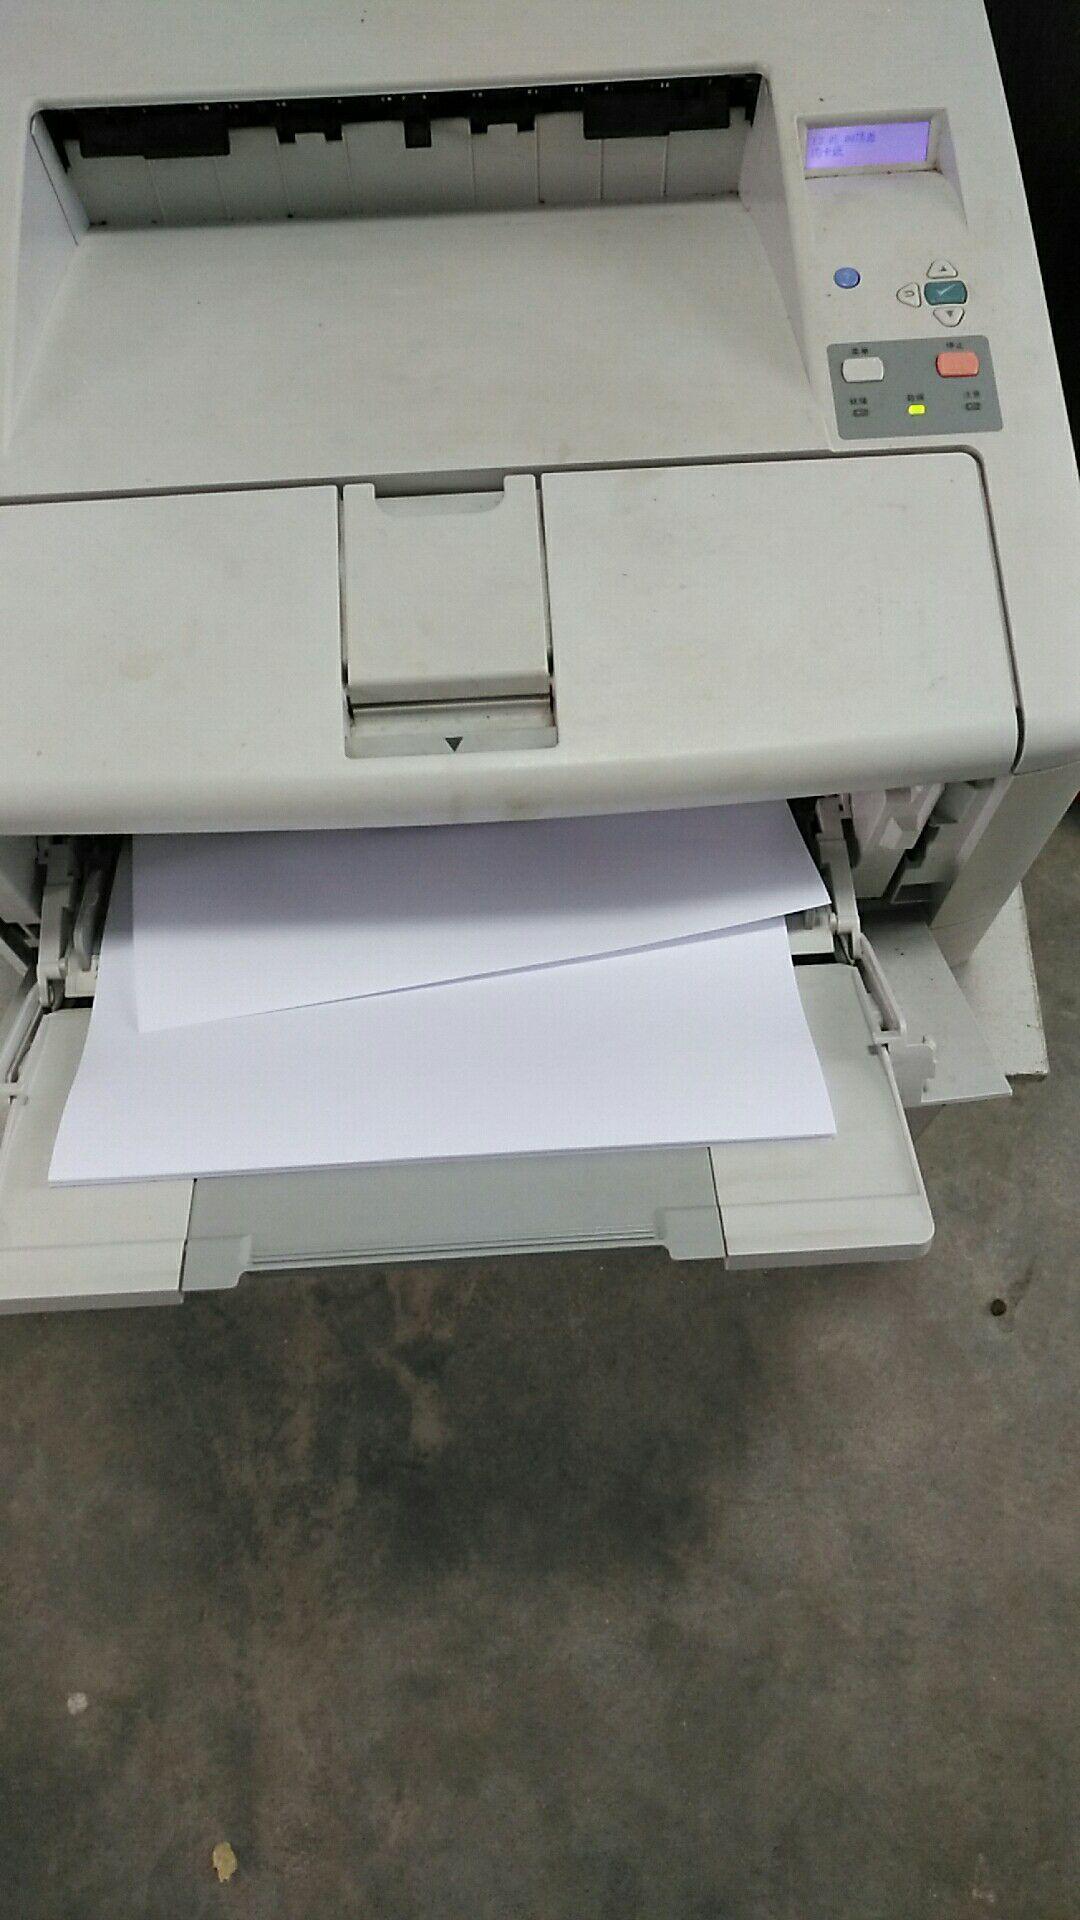 超烂的一种打印机,再不用了。